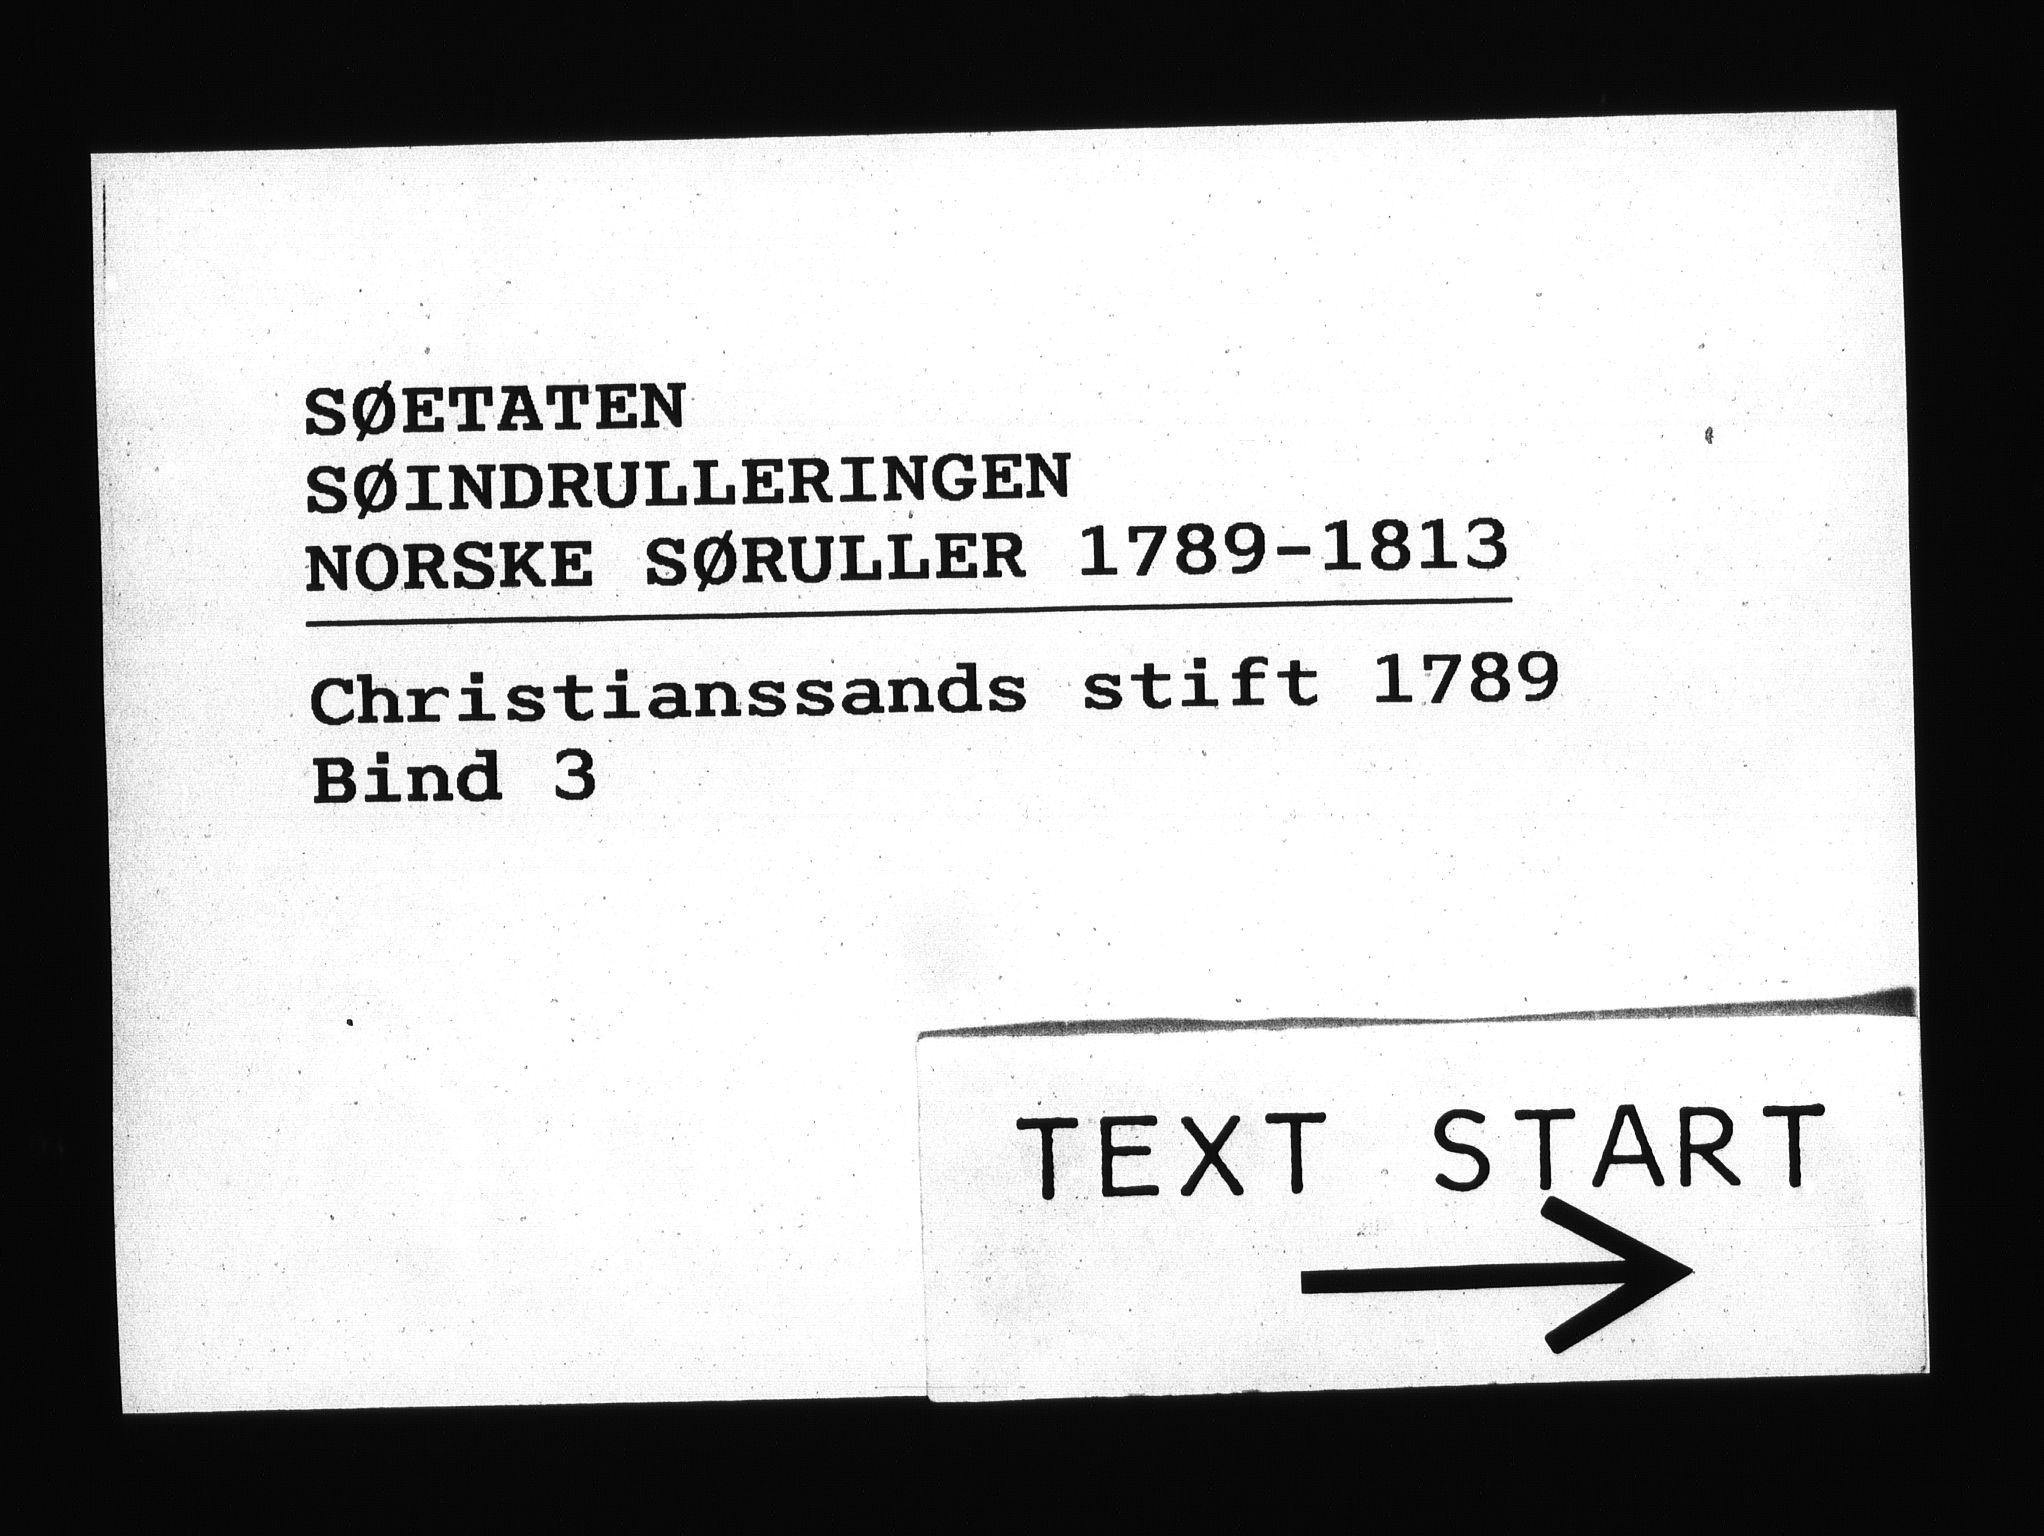 RA, Sjøetaten, F/L0010: Kristiansand stift, bind 3, 1789